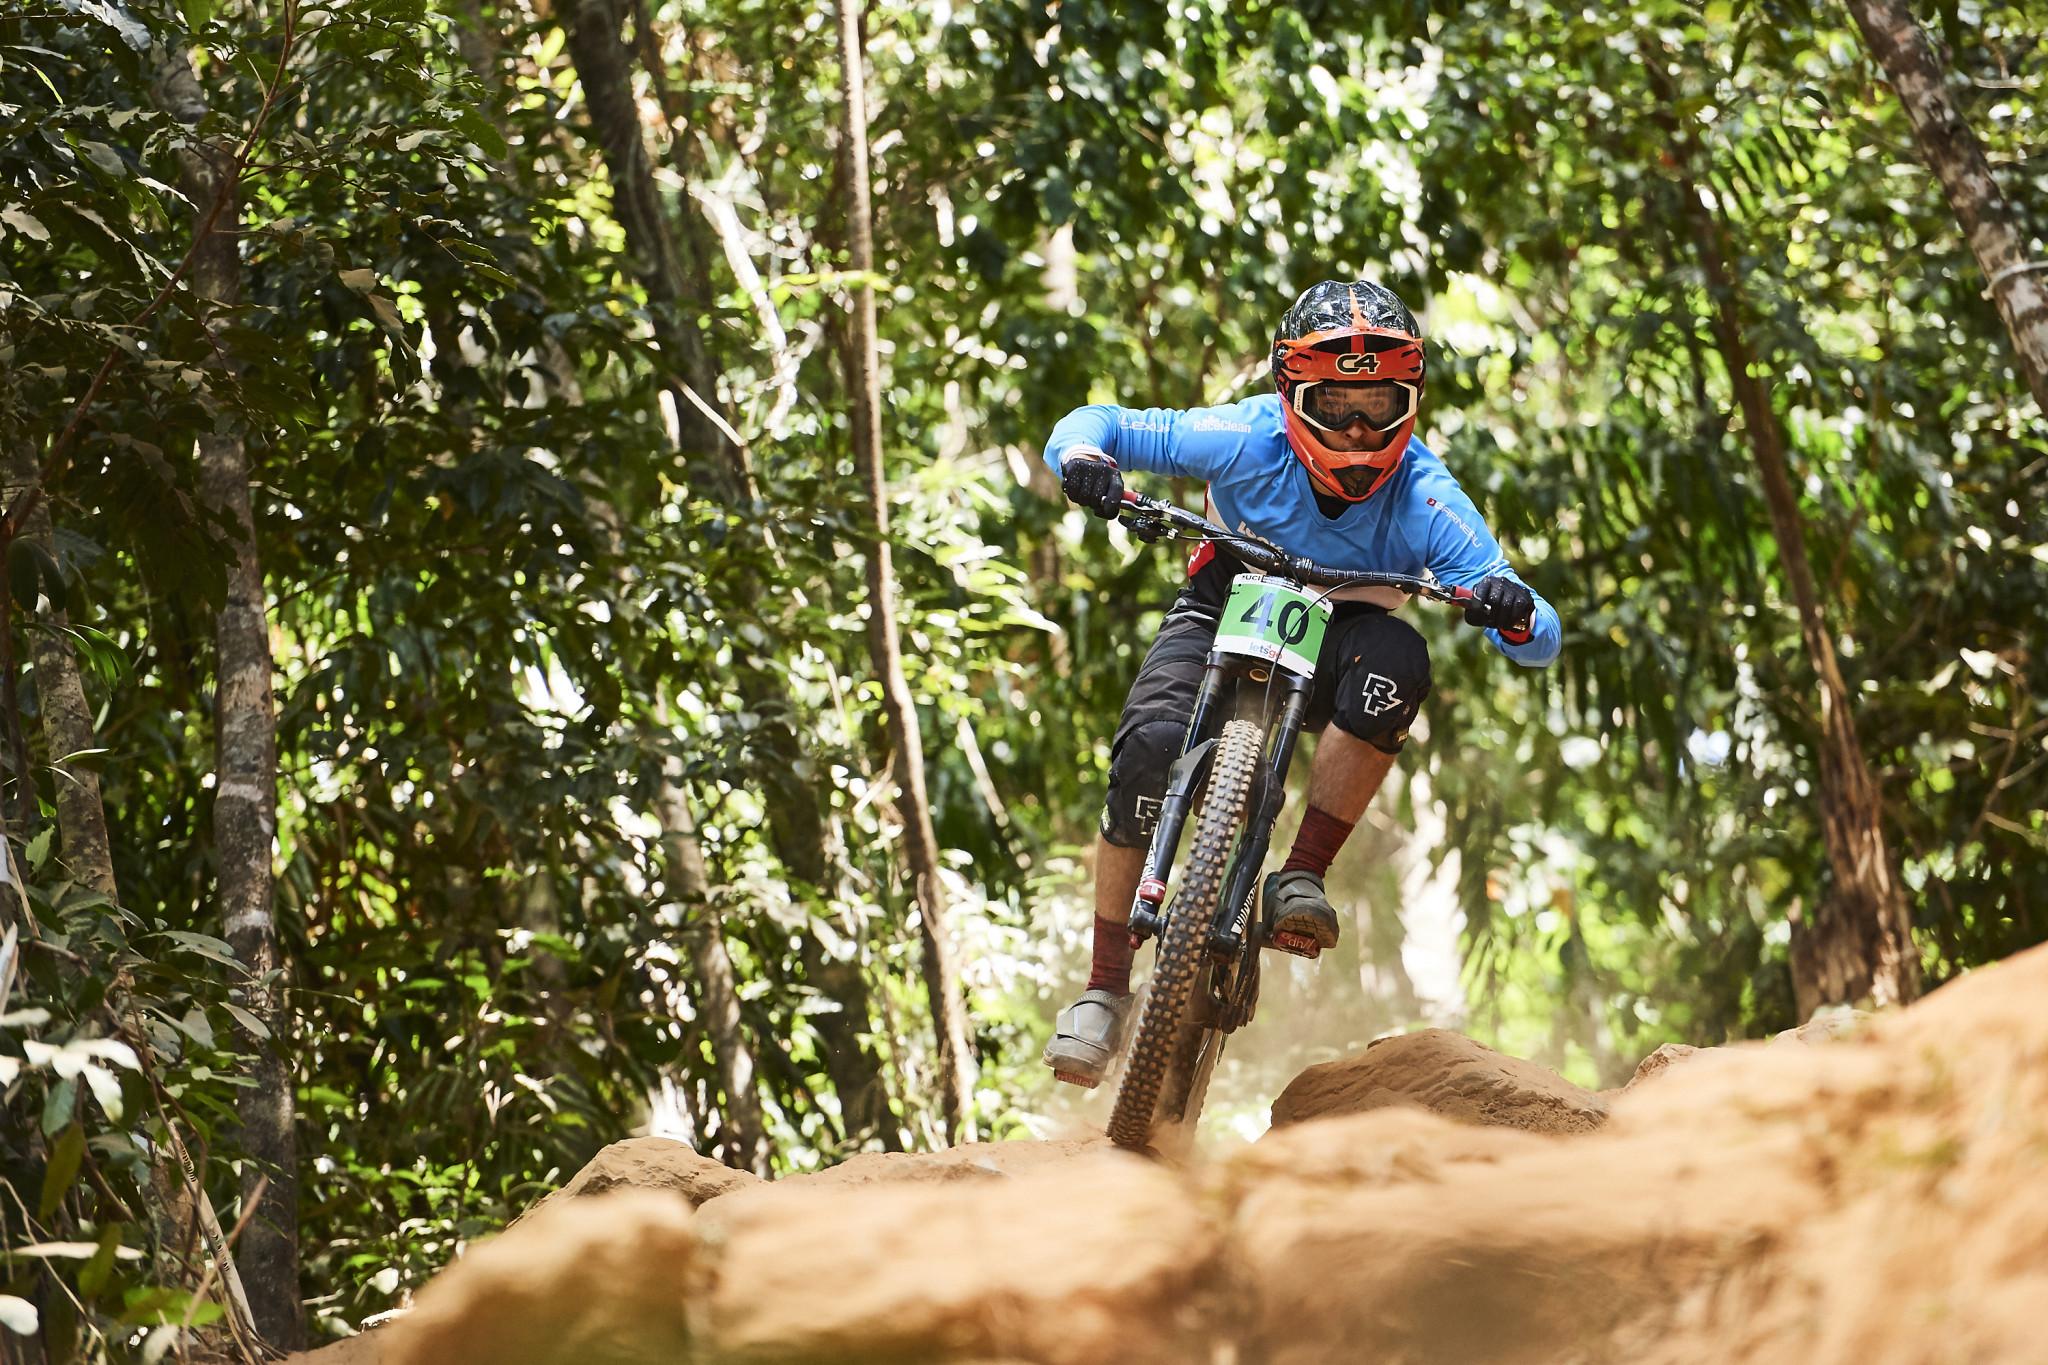 Stellenbosch to open 2018 Mountain Bike World Cup season as UCI confirms calendar